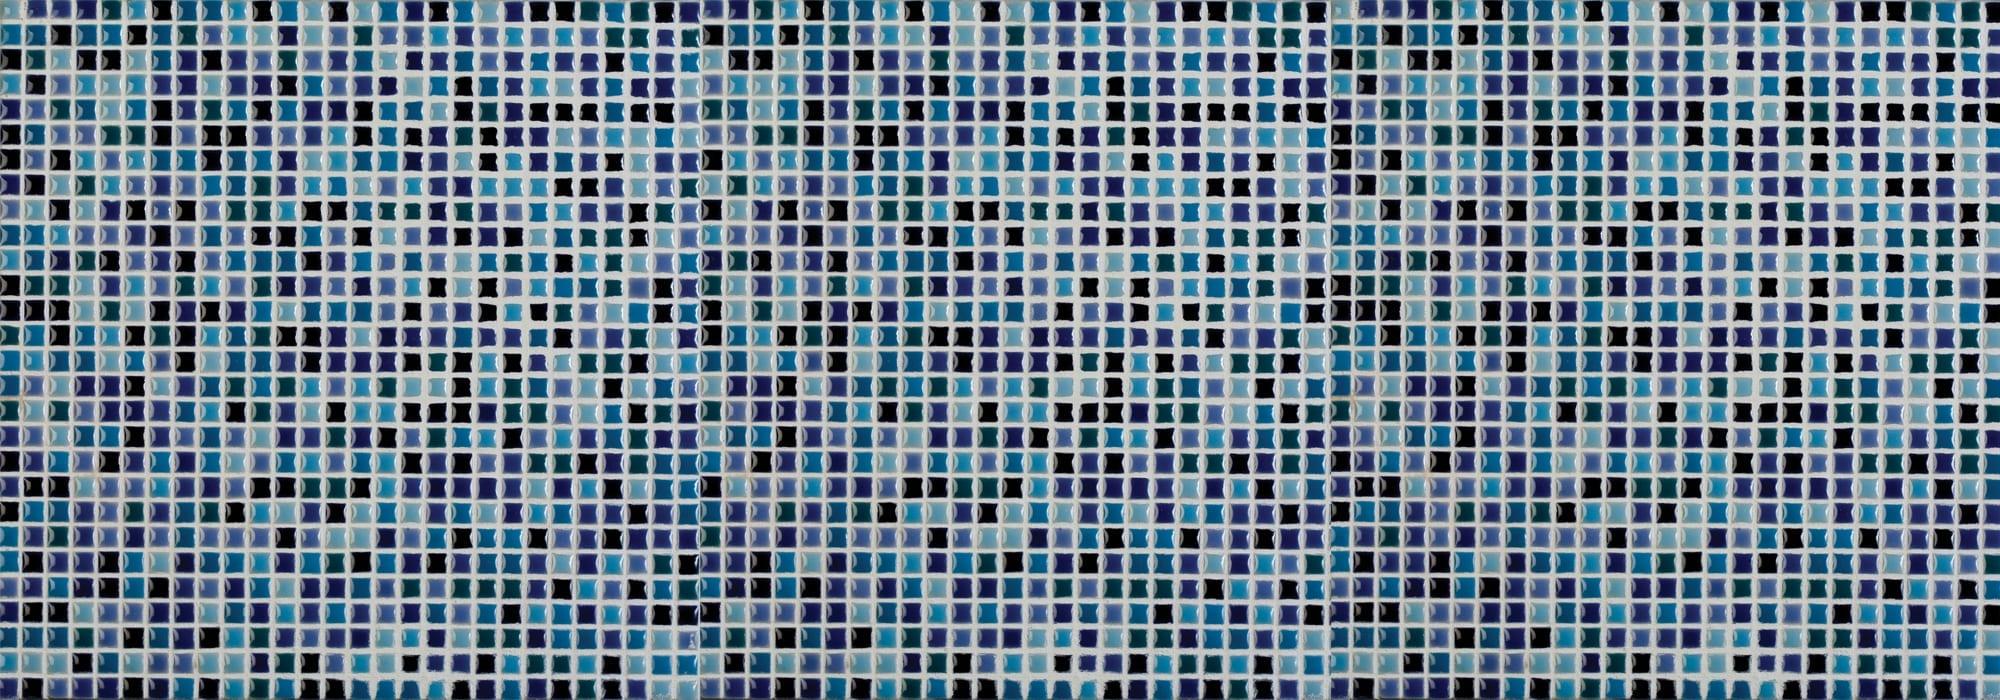 פסיפס קרמיקה אנג'י כחול מעורב by Milstone